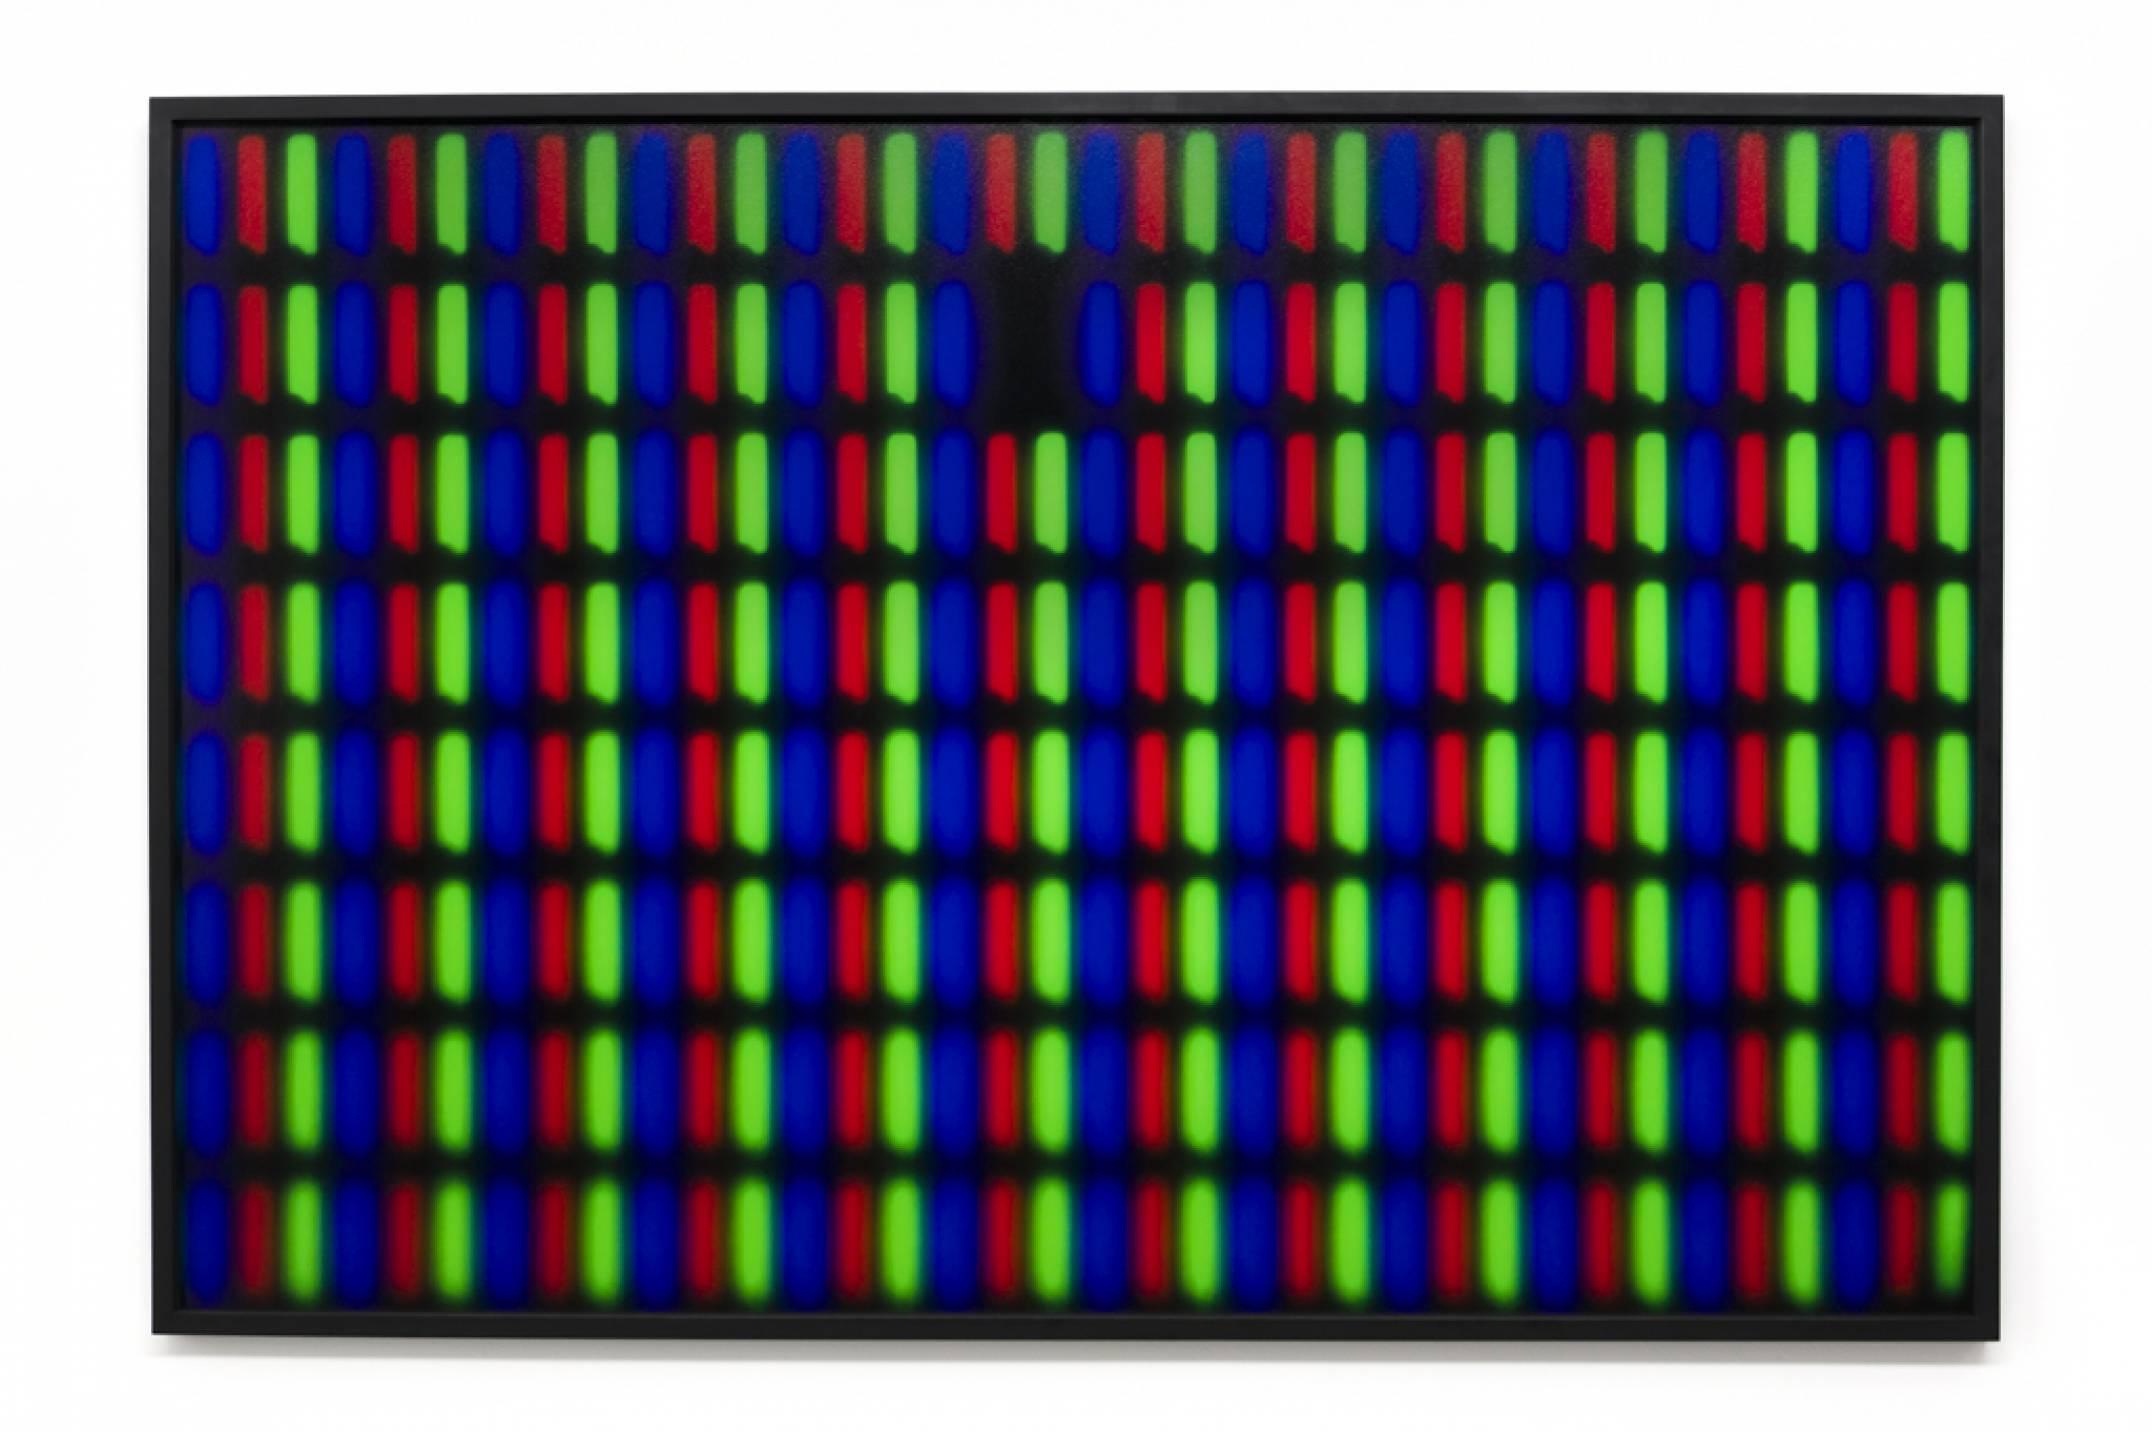 Roberto WInter,&nbsp;<em>Dead pixel (MacBook),</em> 2017, printing inkjet on paper Hahnemühle FineArt Baryta, 110 × 165 cm - Mendes Wood DM